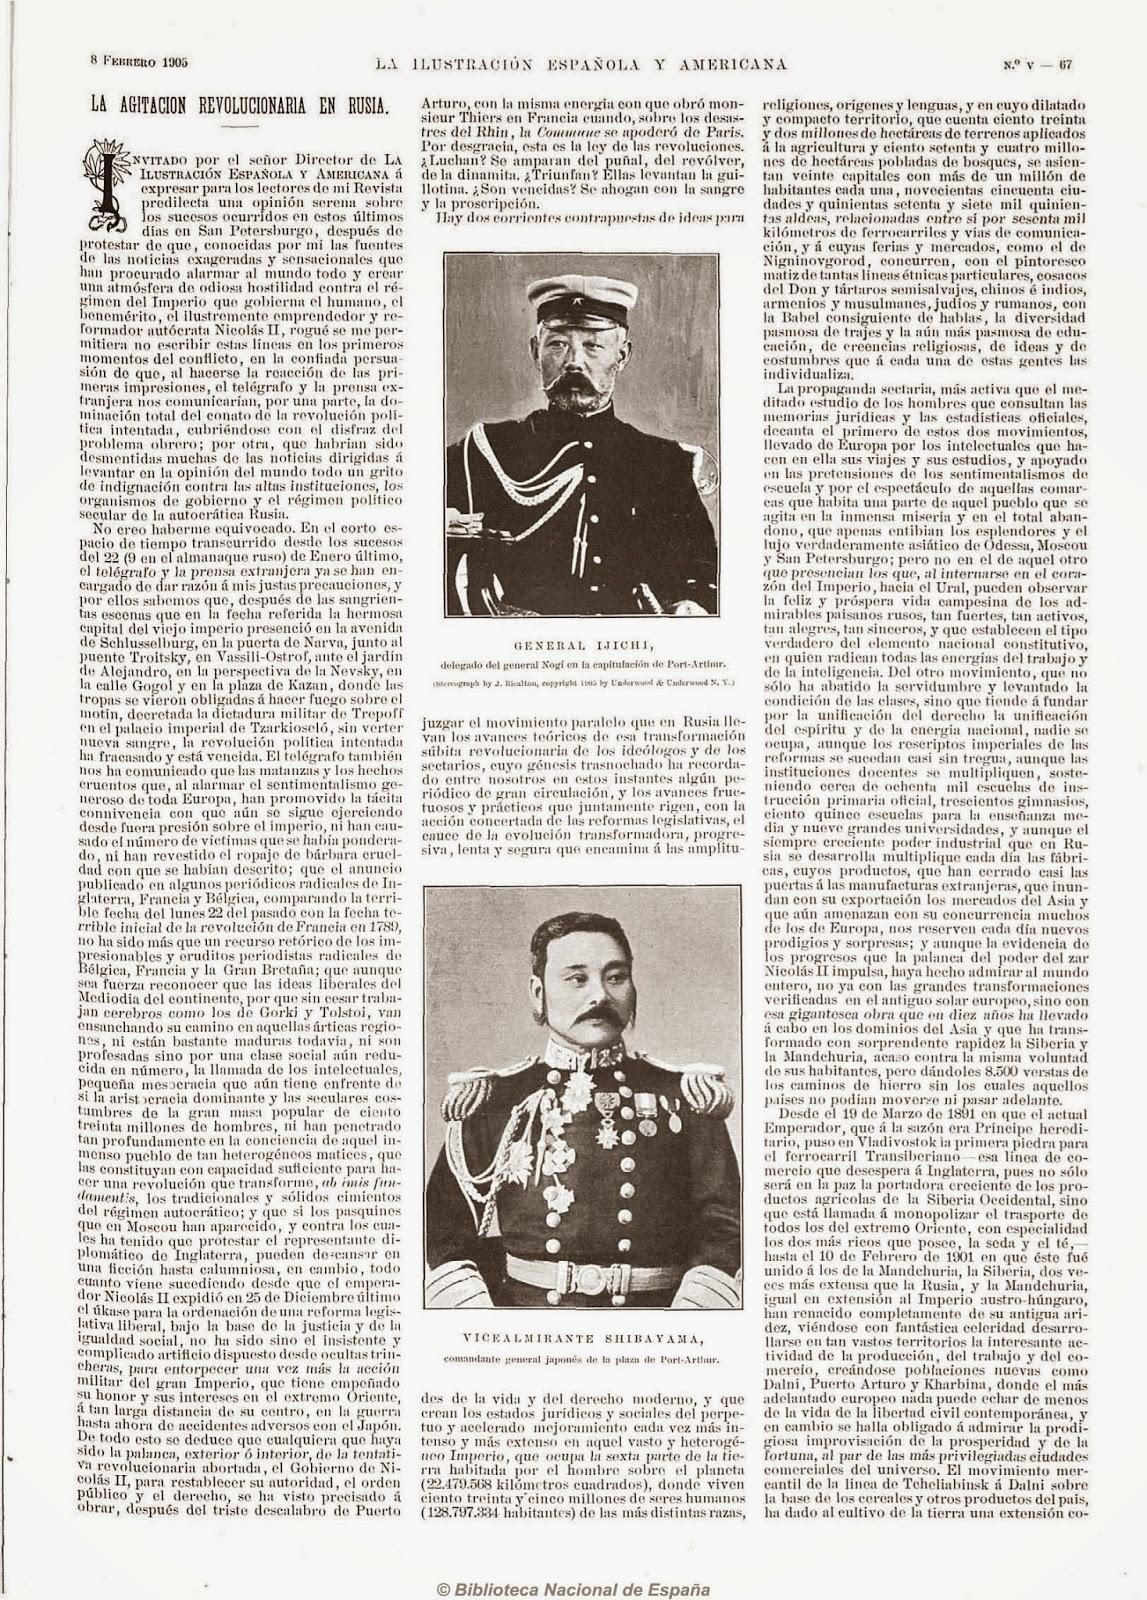 22 enero 1905: